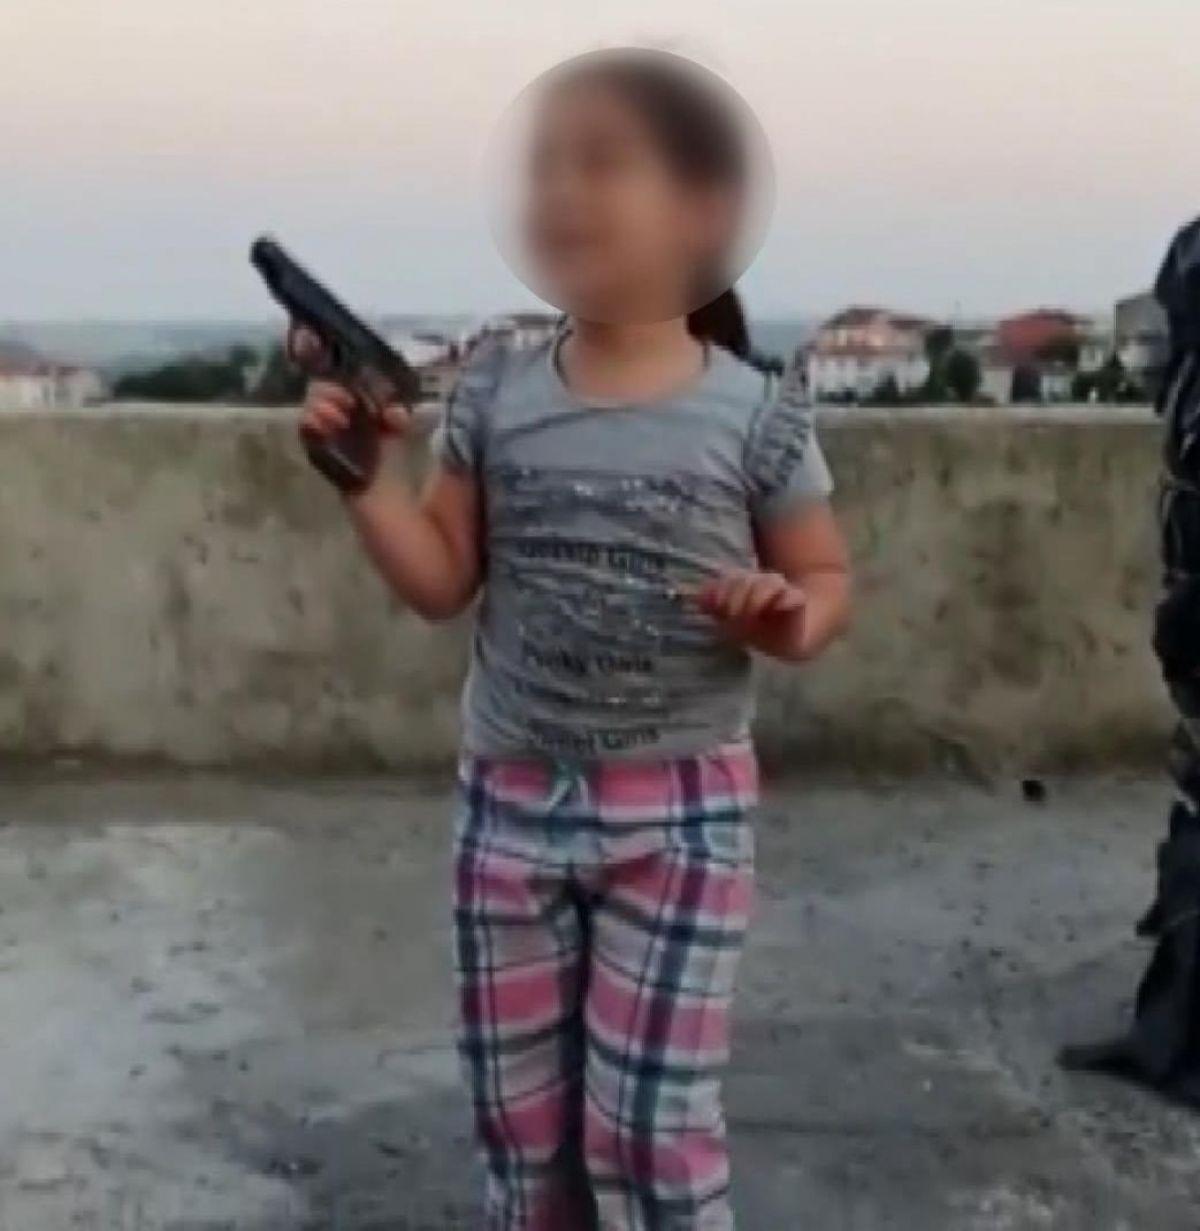 Sultangazi'de çocuğun eline tabanca verip ateş ettirdi